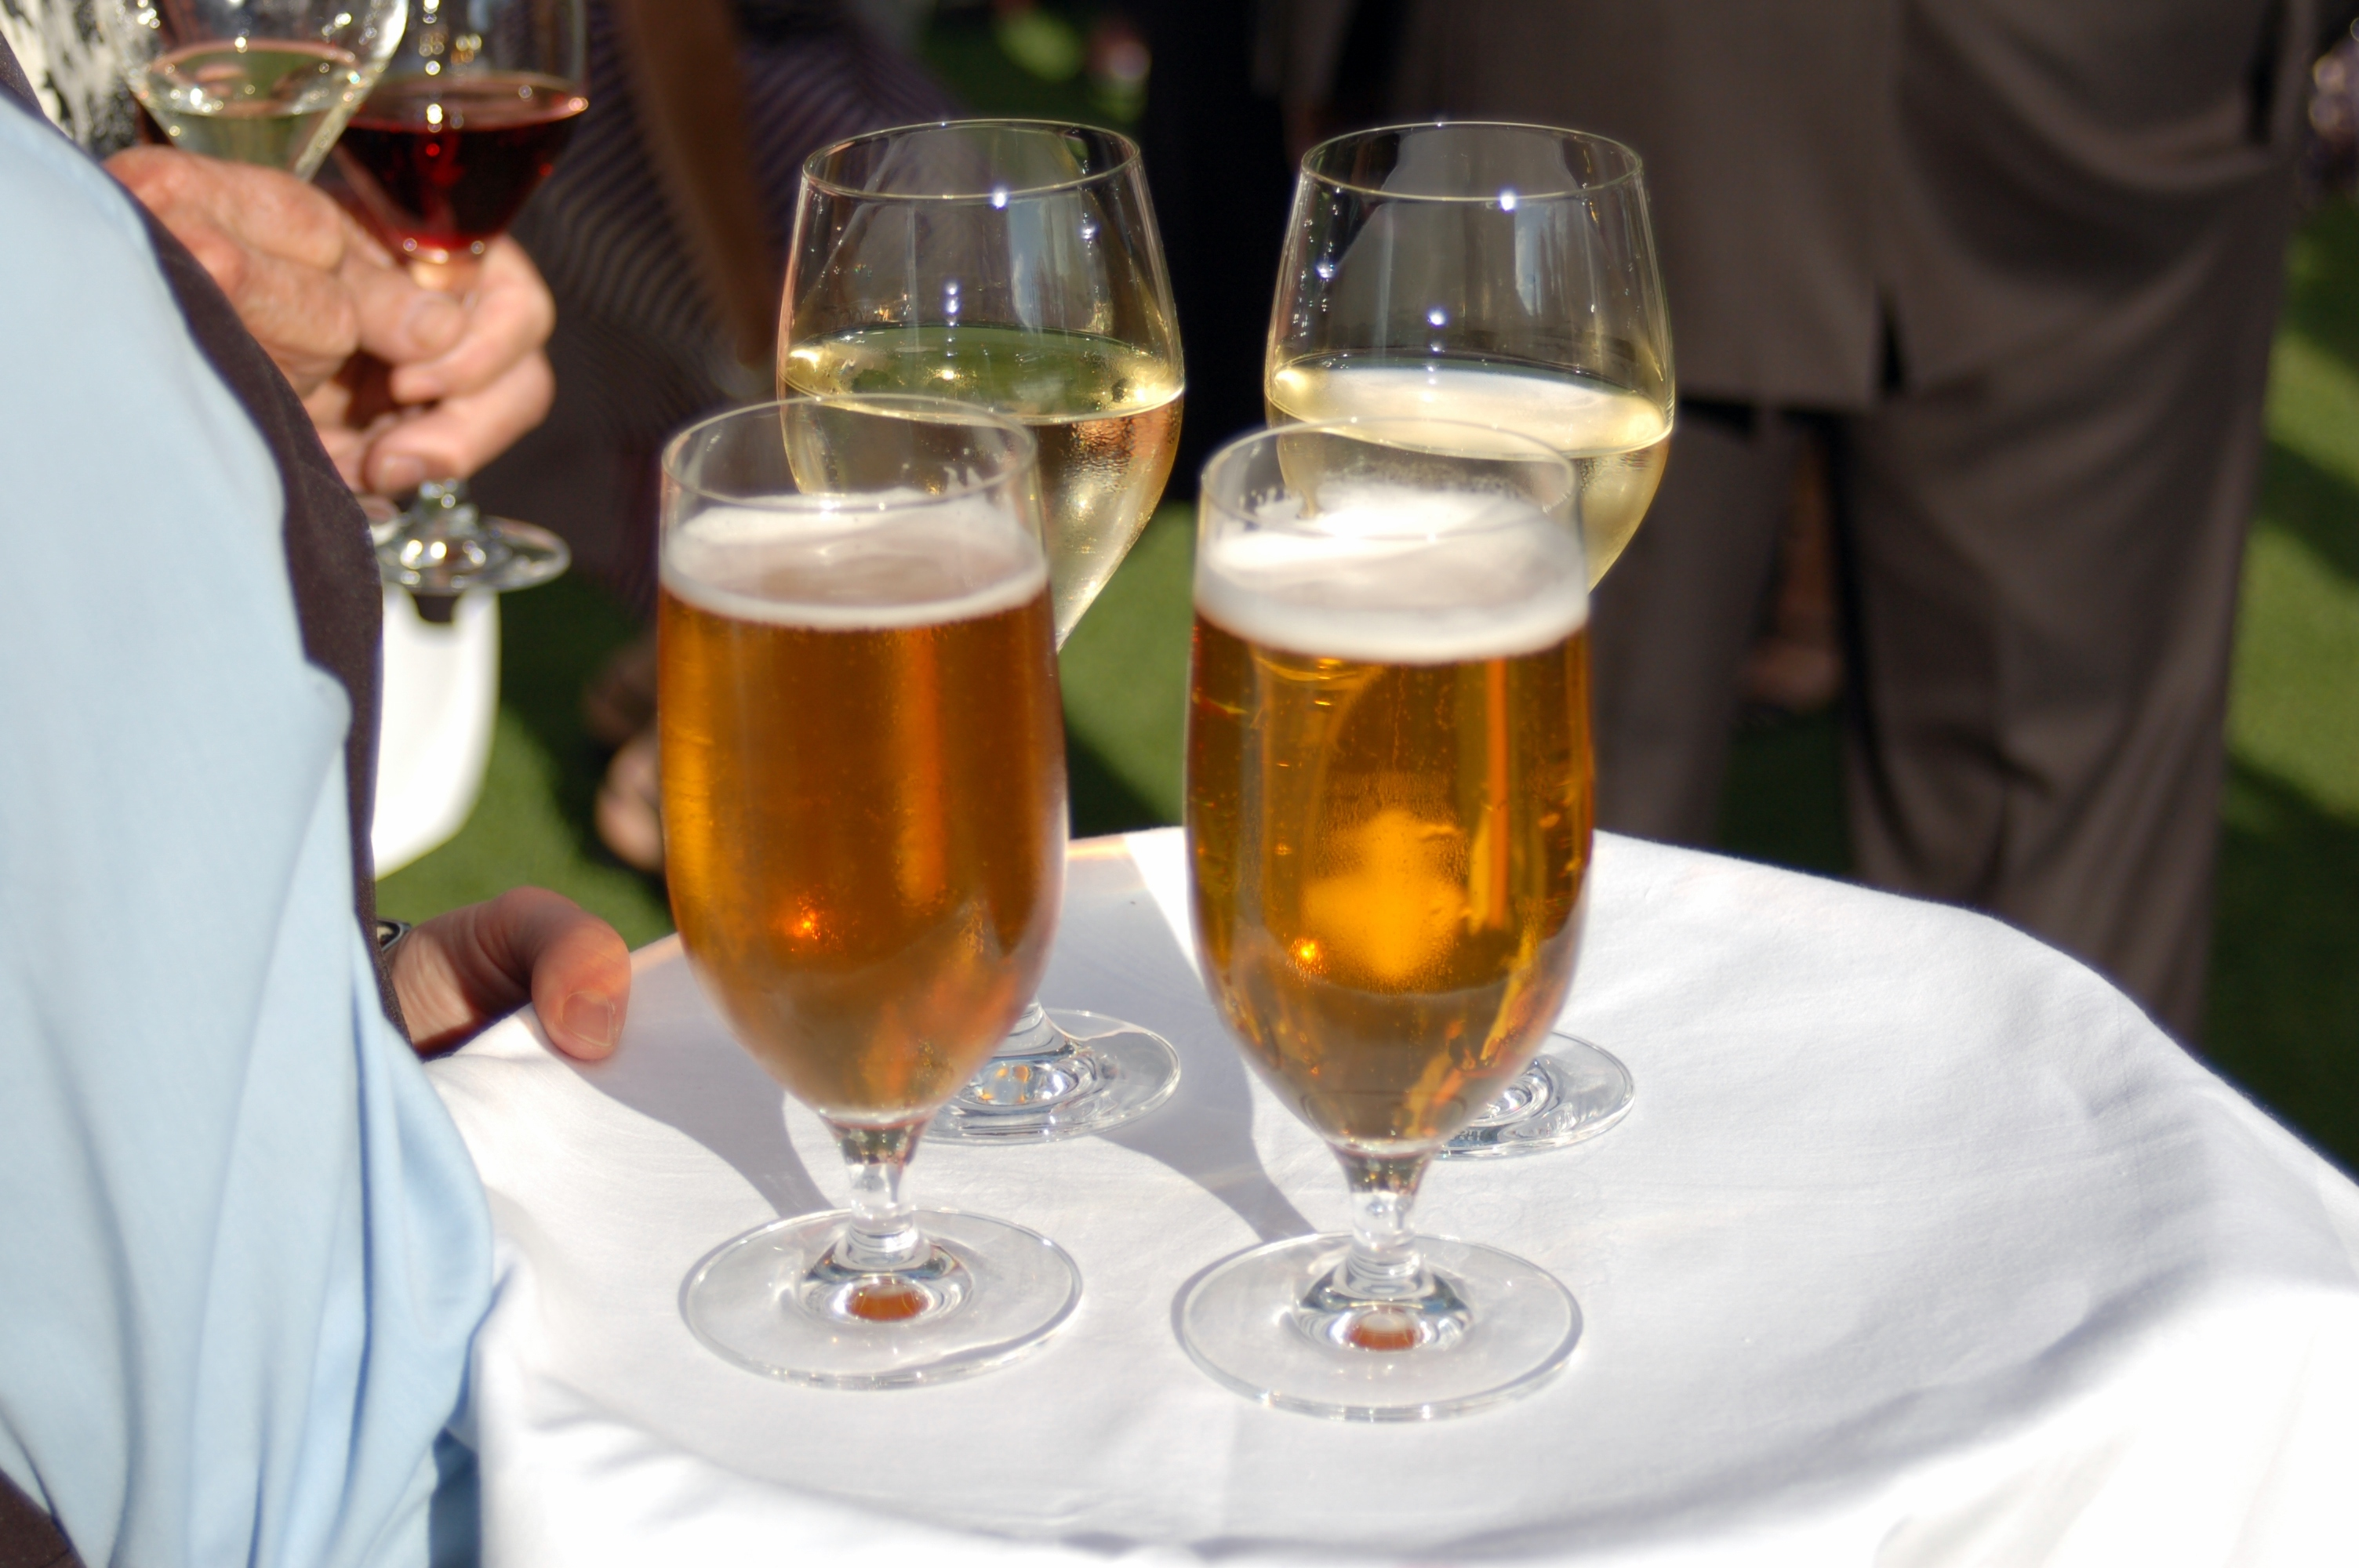 c5679de26 ... Seja no churrasco de fim de semana, no happy hour ou nos bares  especializados, ...